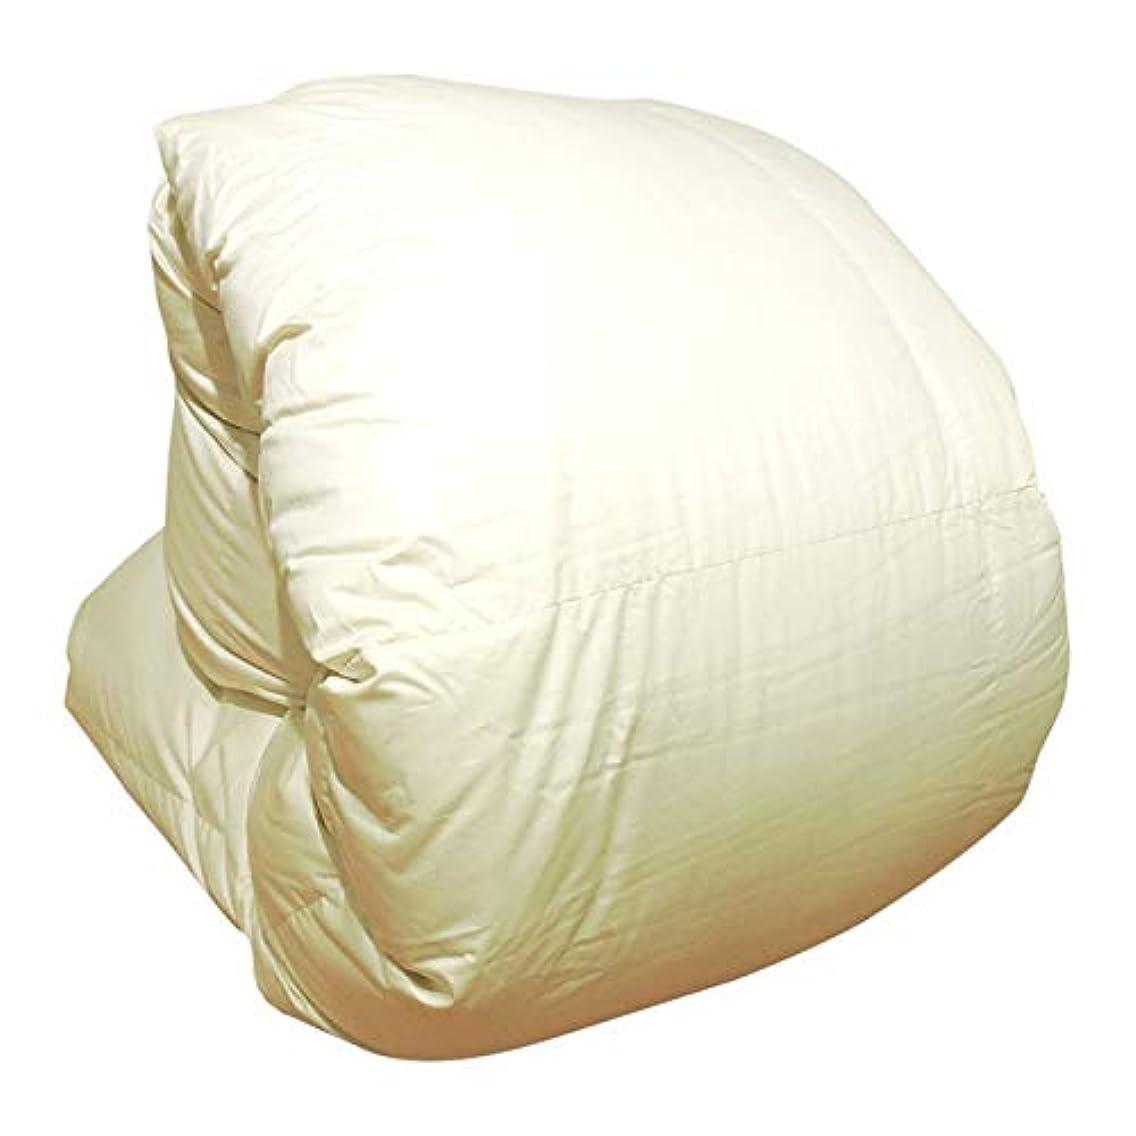 ドア農業のブレンド羽毛布団 増量 日本製 ベビー アイボリー無地 ホワイトマザーダックダウン93% 400dp かさ高165mm以上 綿100%生地使用 95×120cm 消臭抗菌 アレルGプラス加工